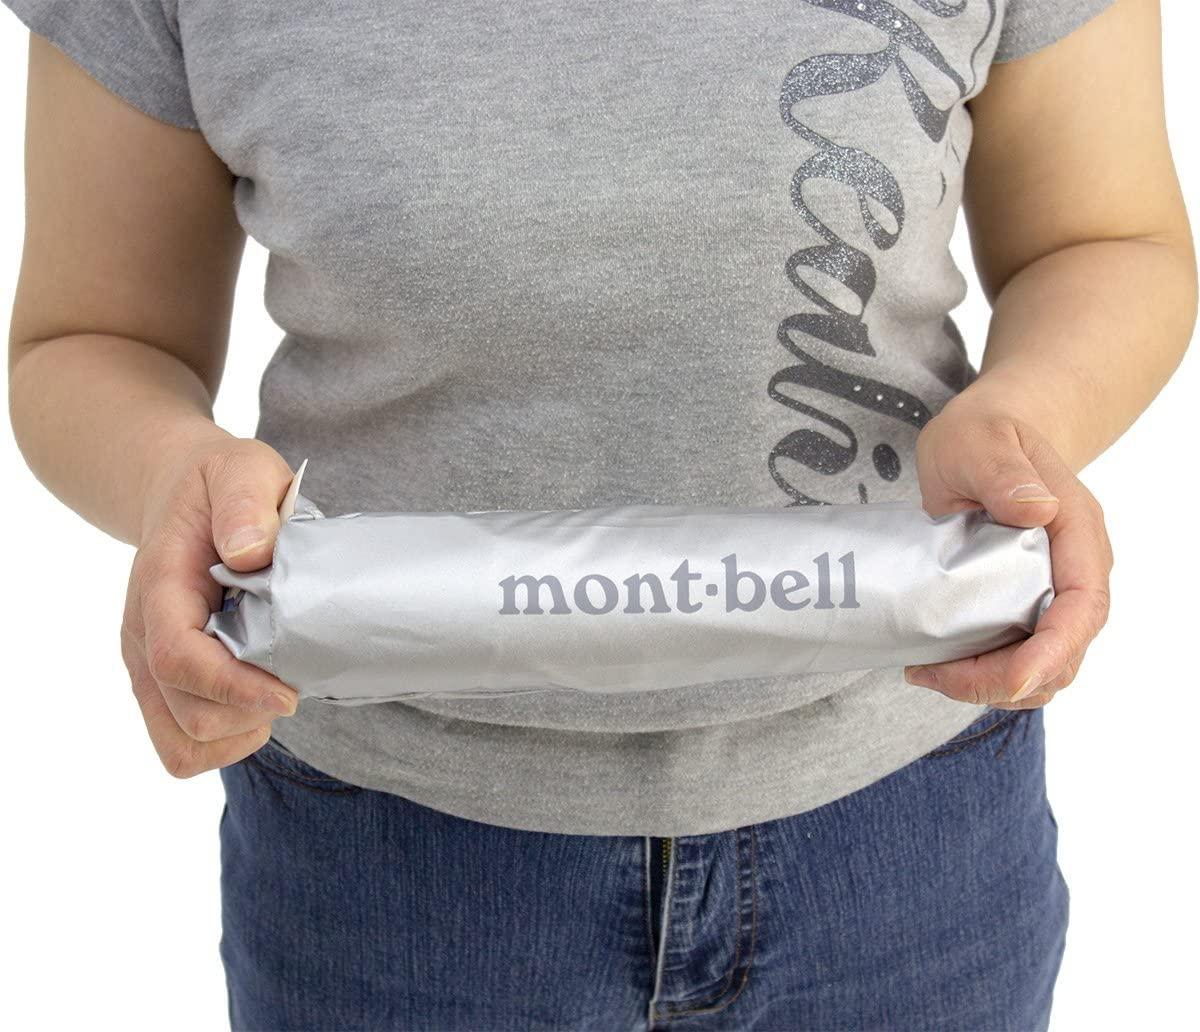 mont-bell(モンベル) サンブロックアンブレラの商品画像6